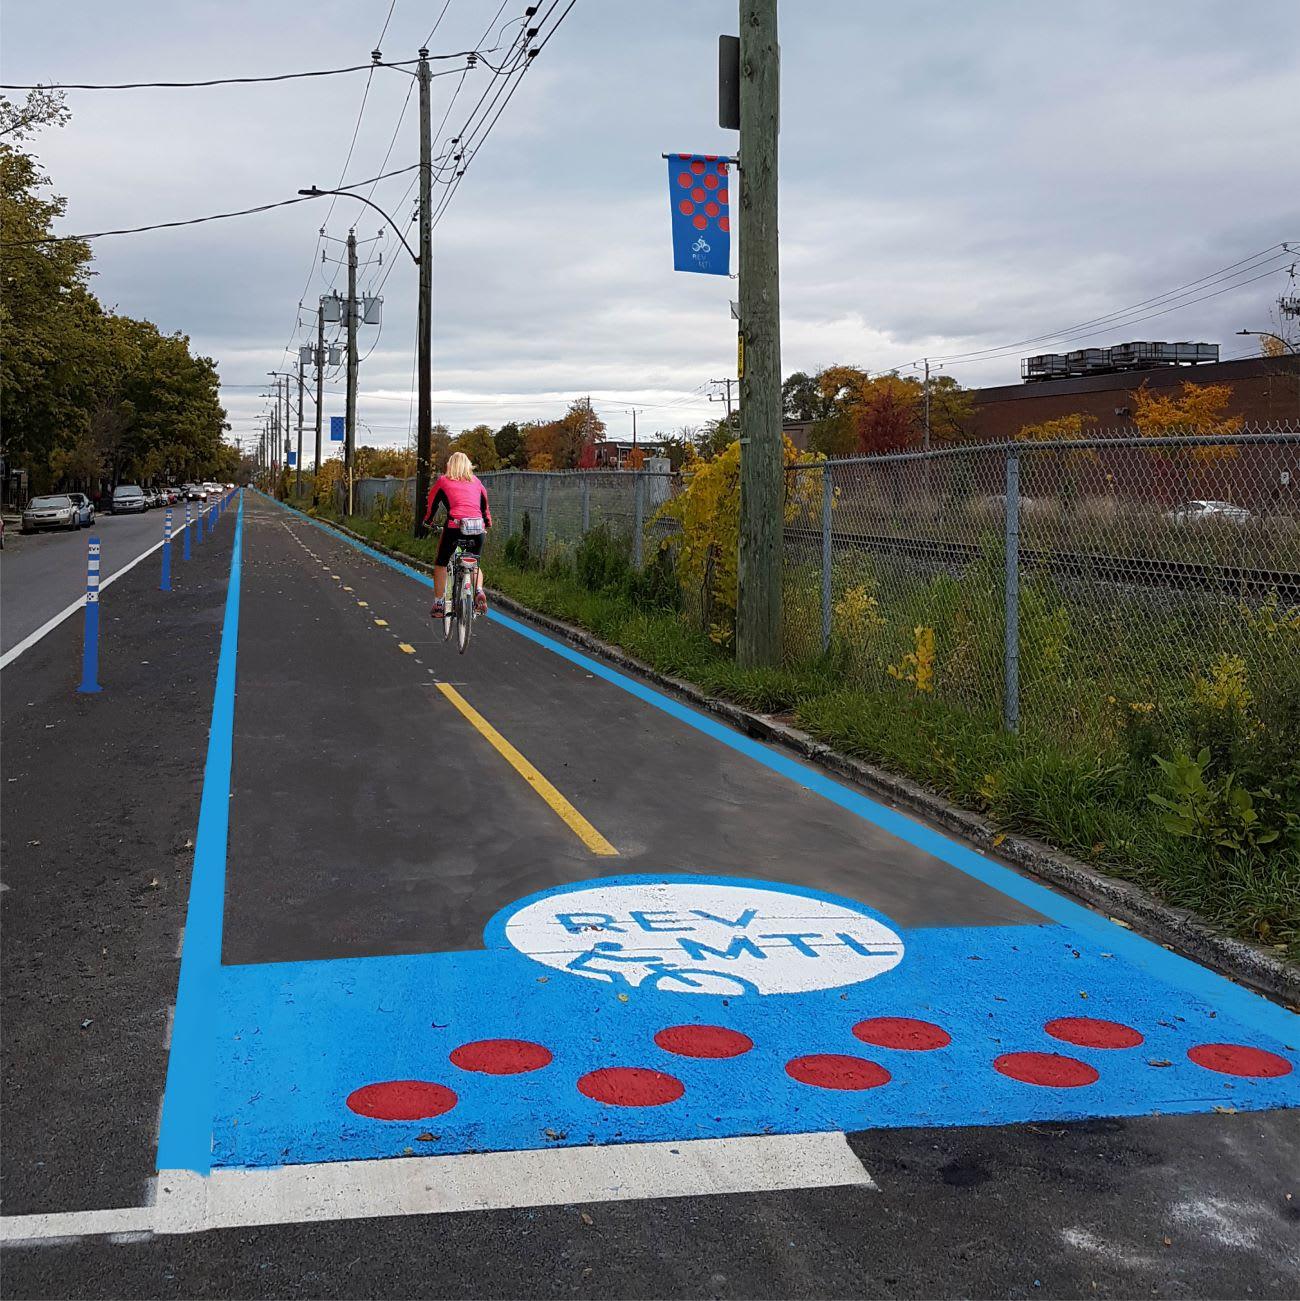 Réseau Express Vélo - REV - à Montréal, rue Souligny